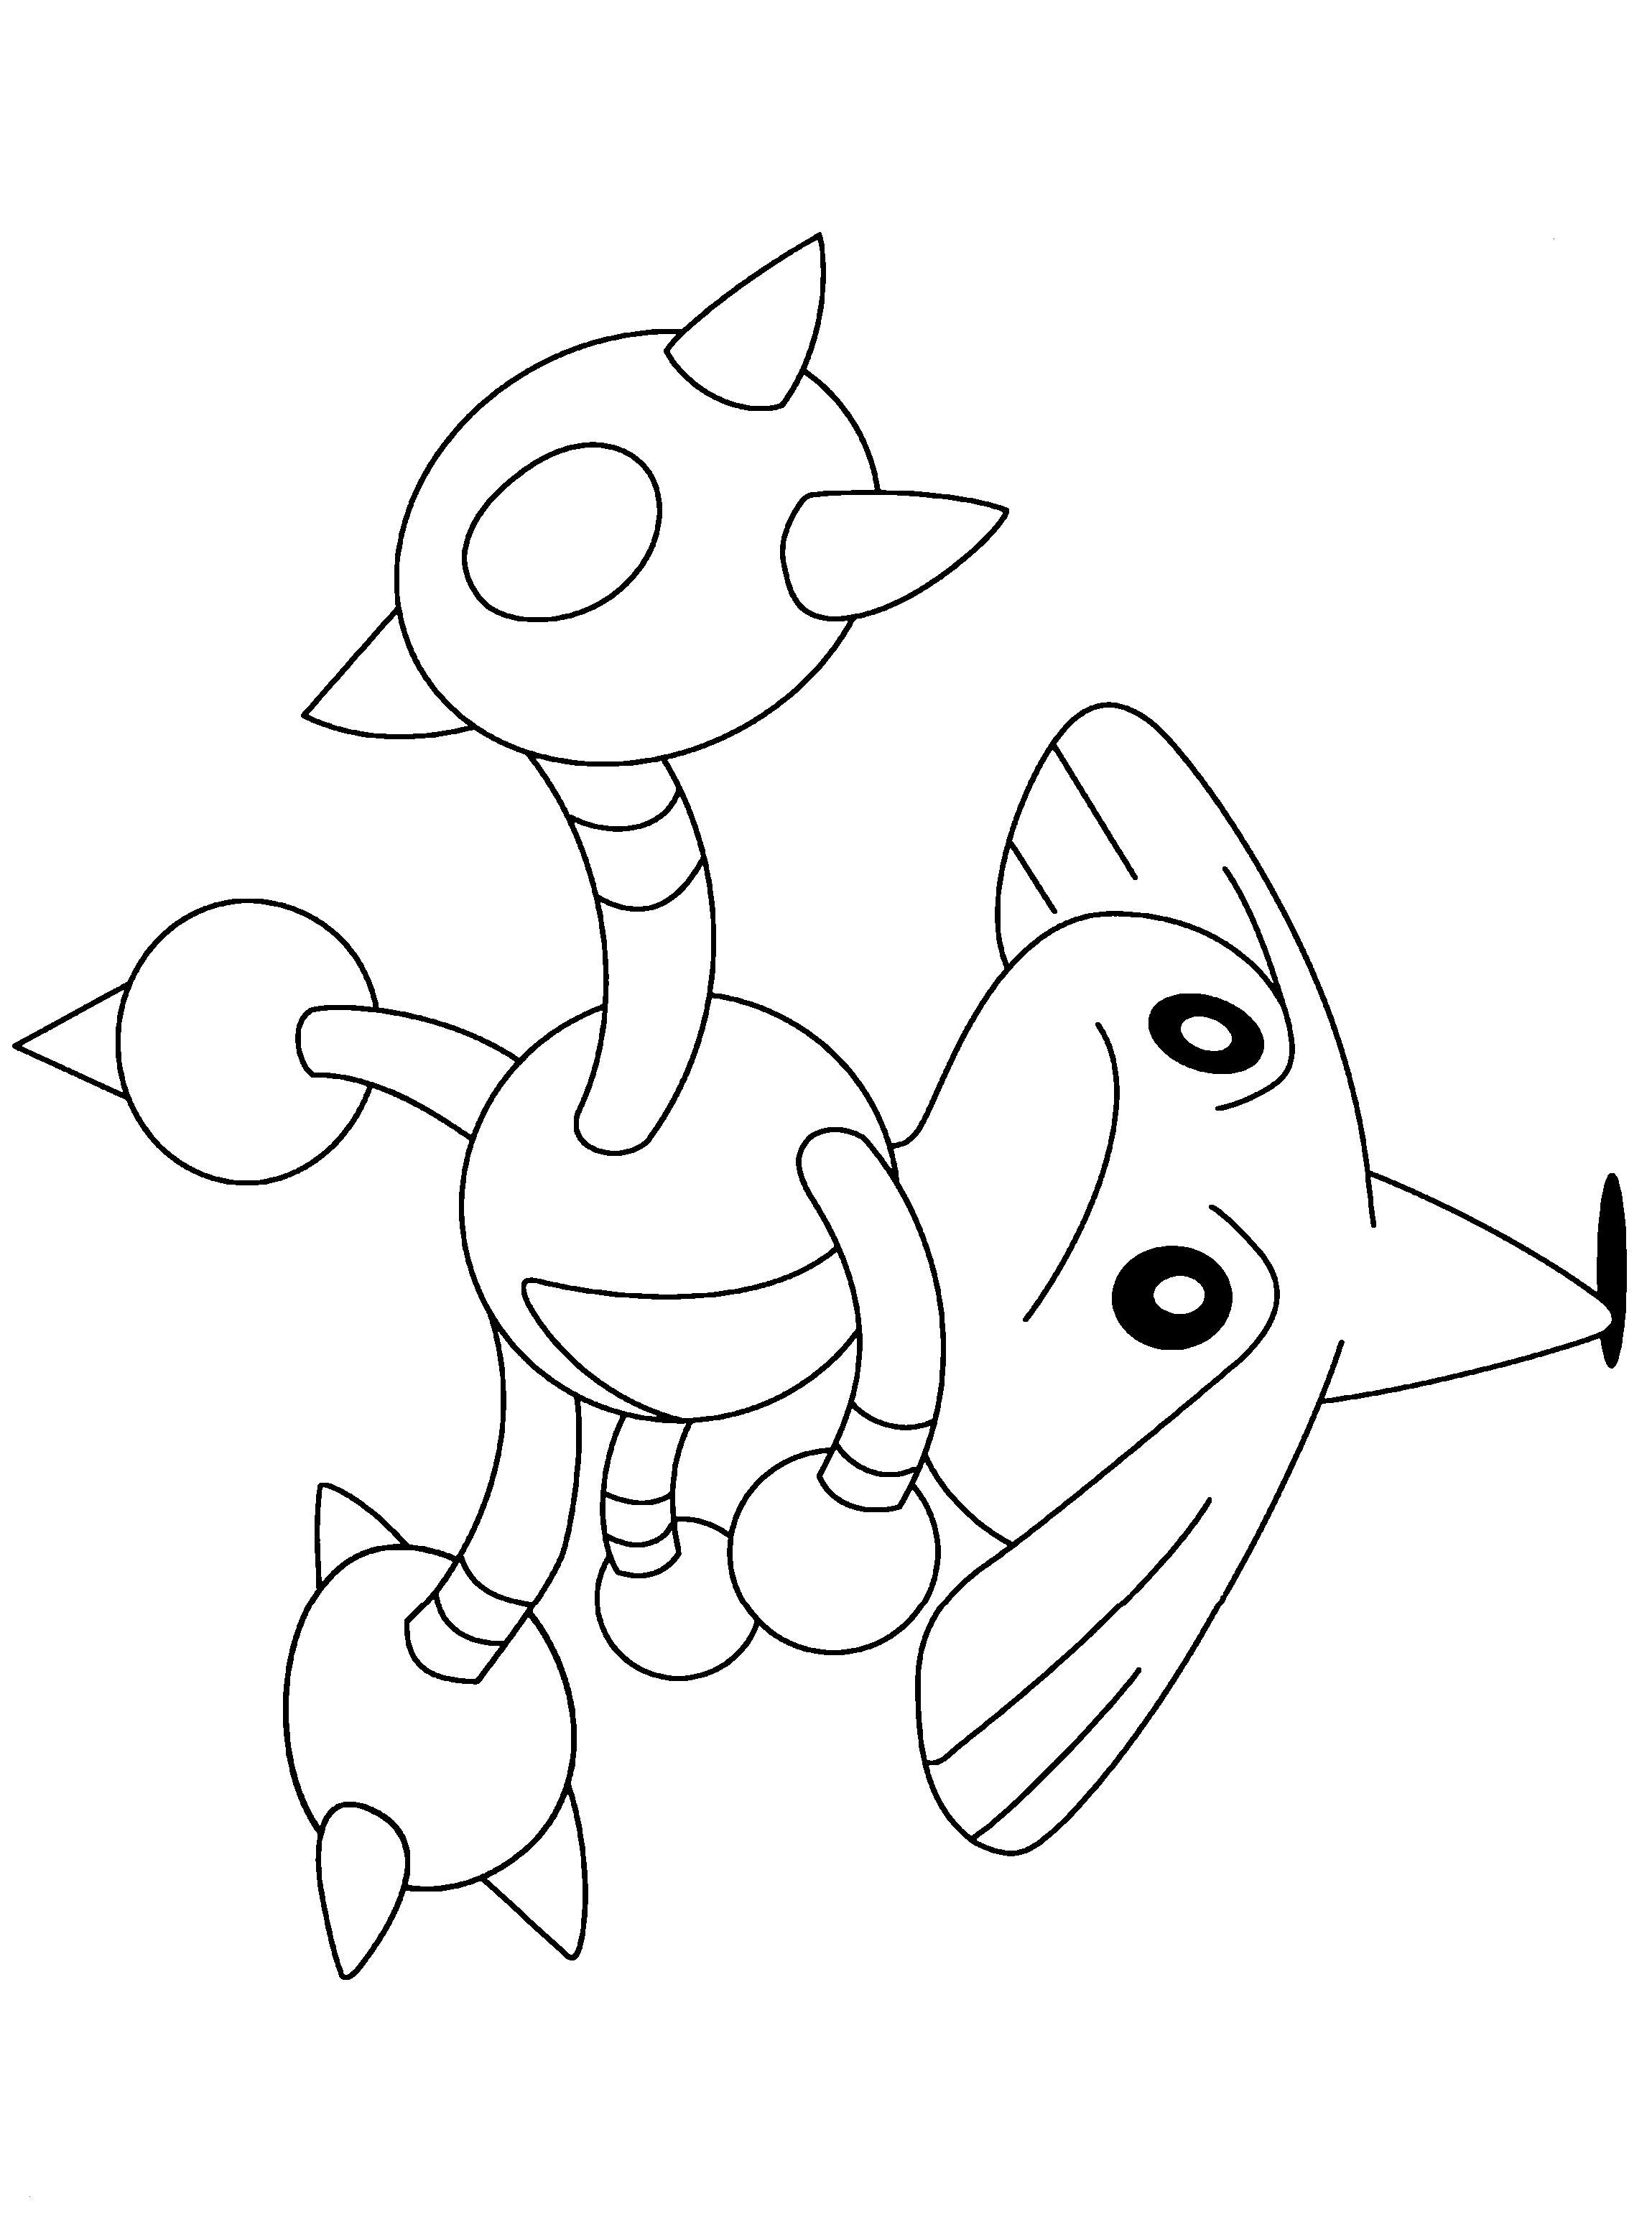 Pokemon Bilder Zum Ausmalen Genial Pokemon Malvorlagen Frisch Pokemon Ausmalbilder 3 – Malvorlagen Stock